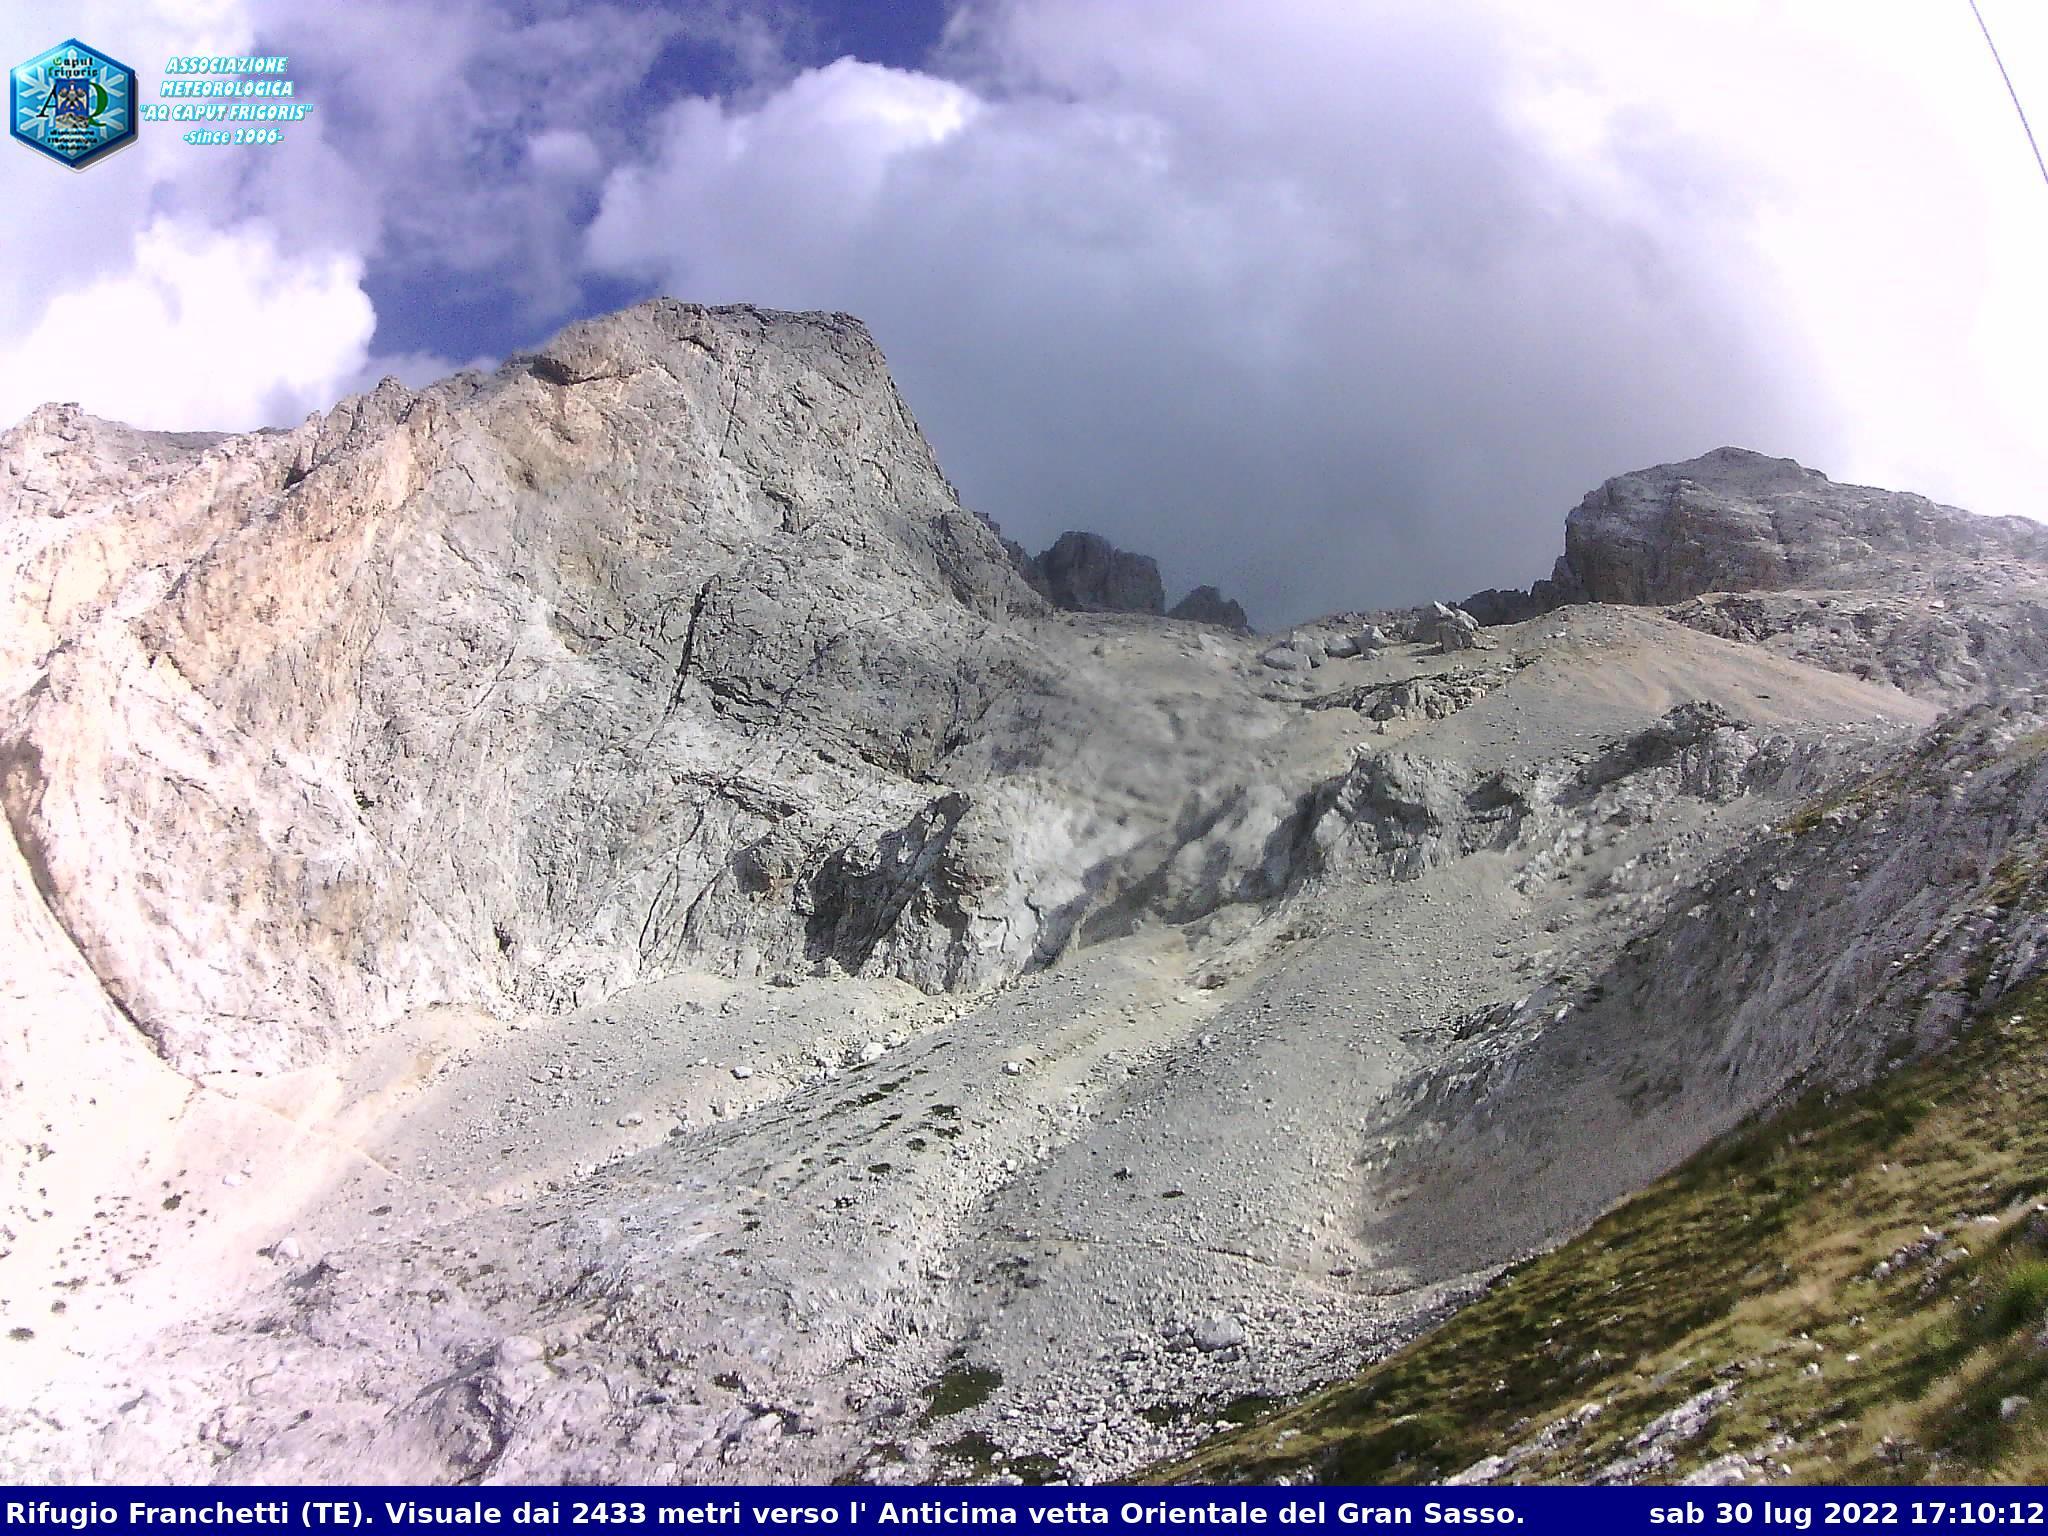 Webcam <br><span> gran sasso - rifugio franchetti</span>